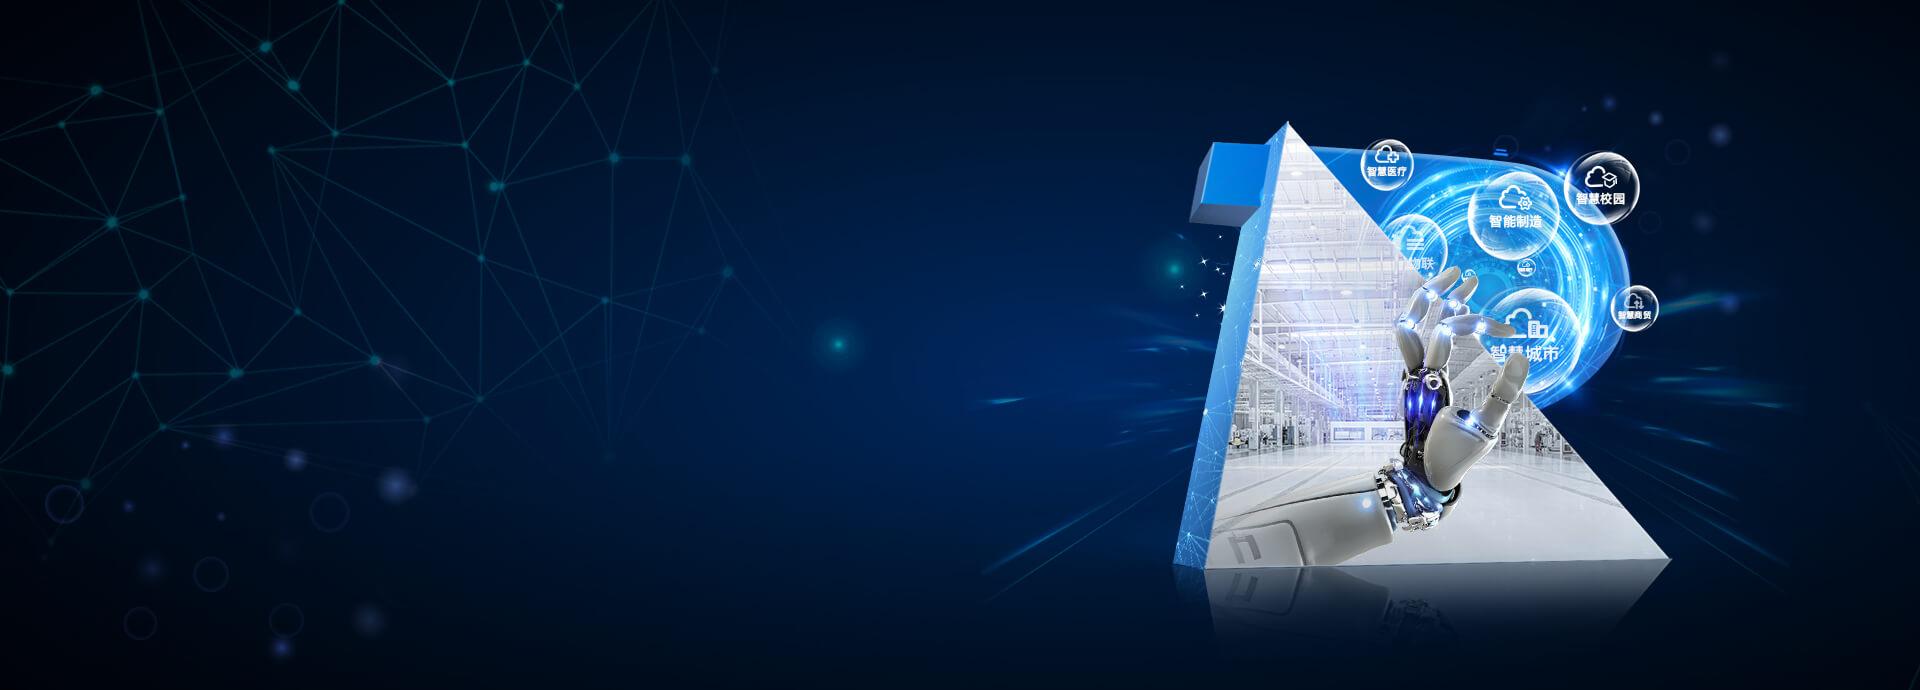 威廉希尔中文网站IoT洞悉万物的智能物联网